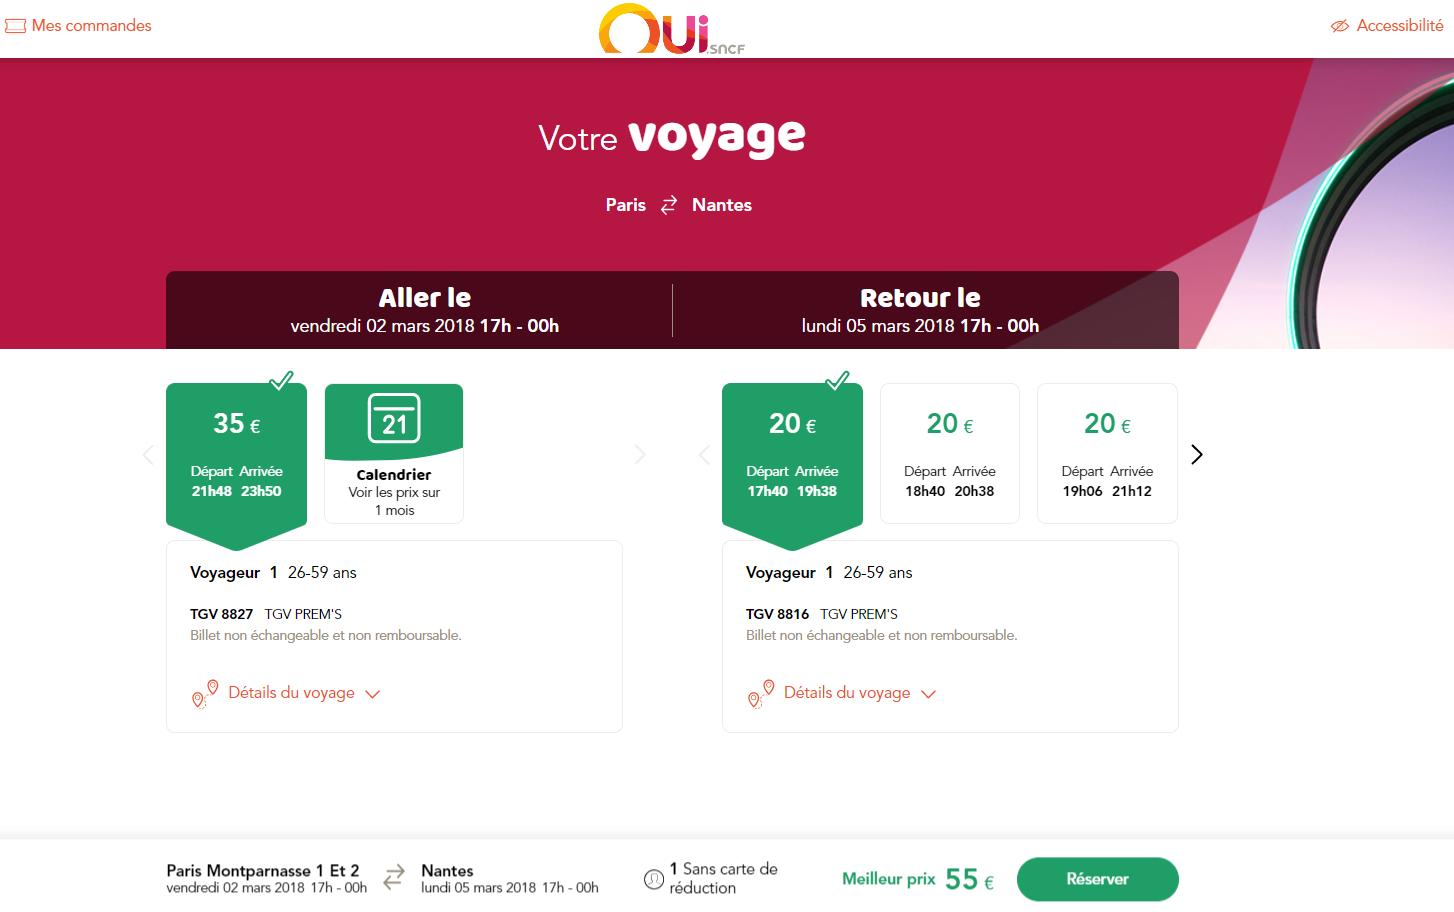 Voyages-SNCF.com devient OUI.sncf